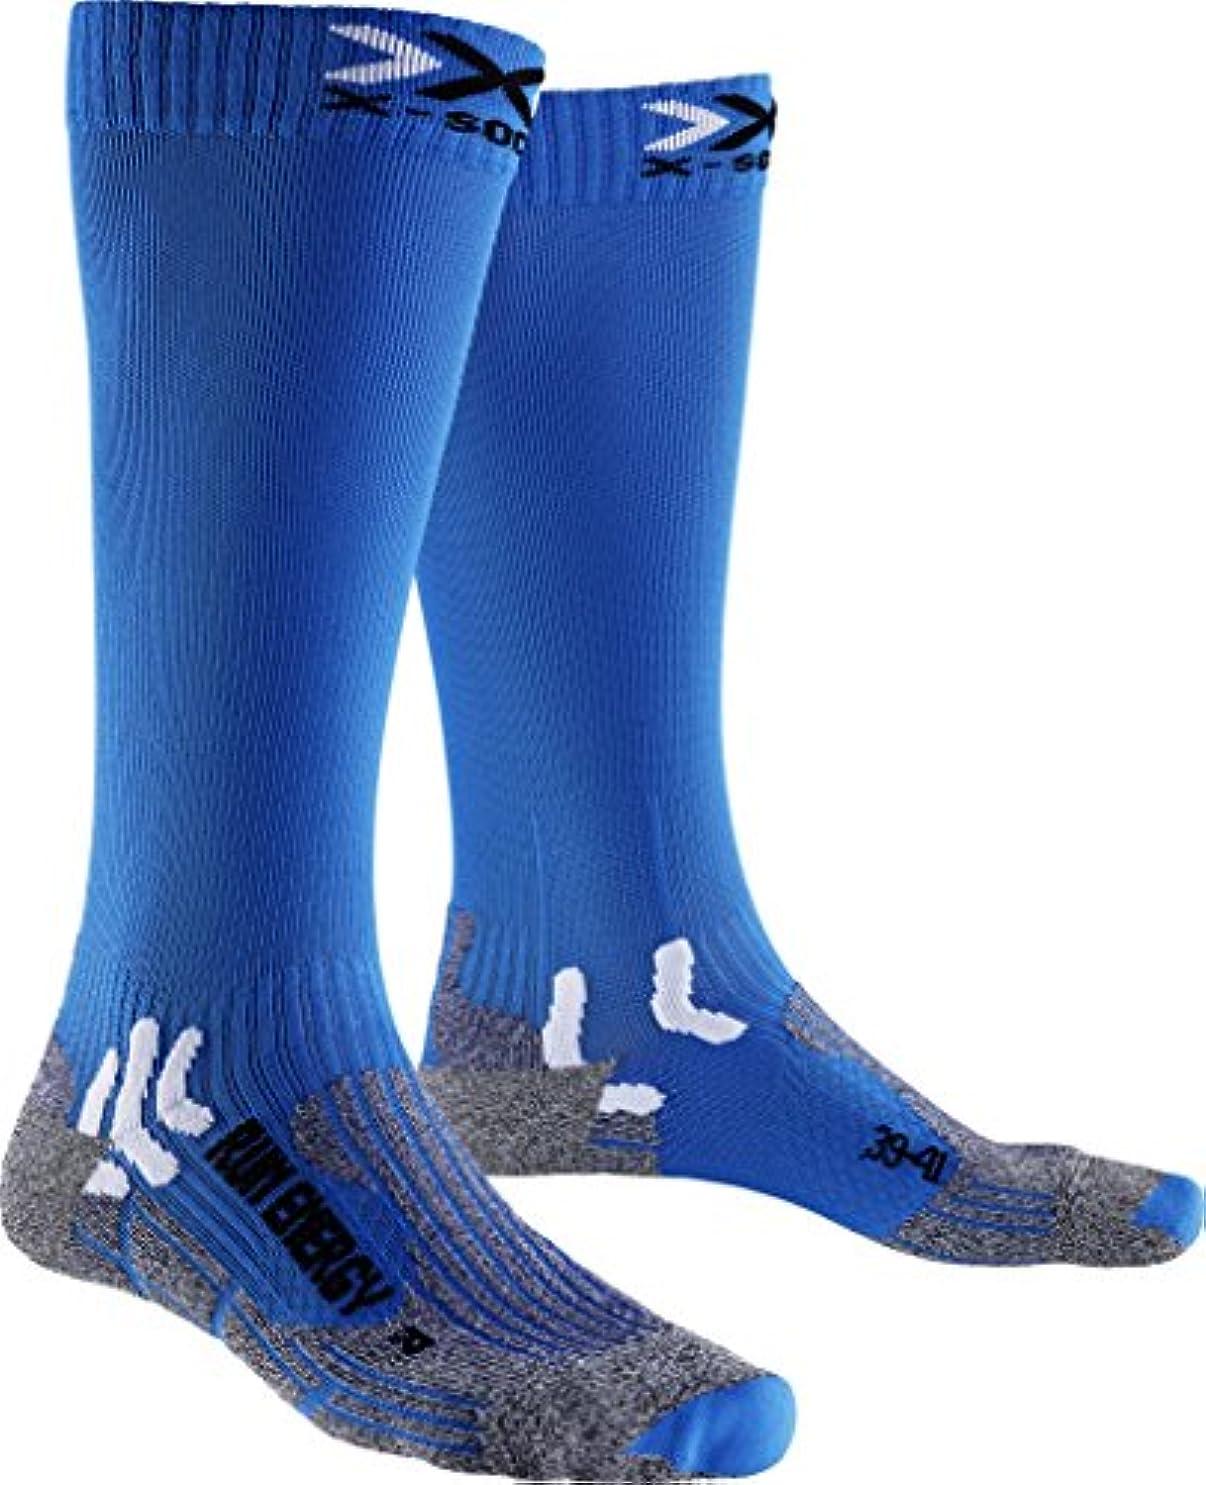 笑辞任する富豪メンズとレディース1ペアx-socks実行Energiser圧縮ソックス